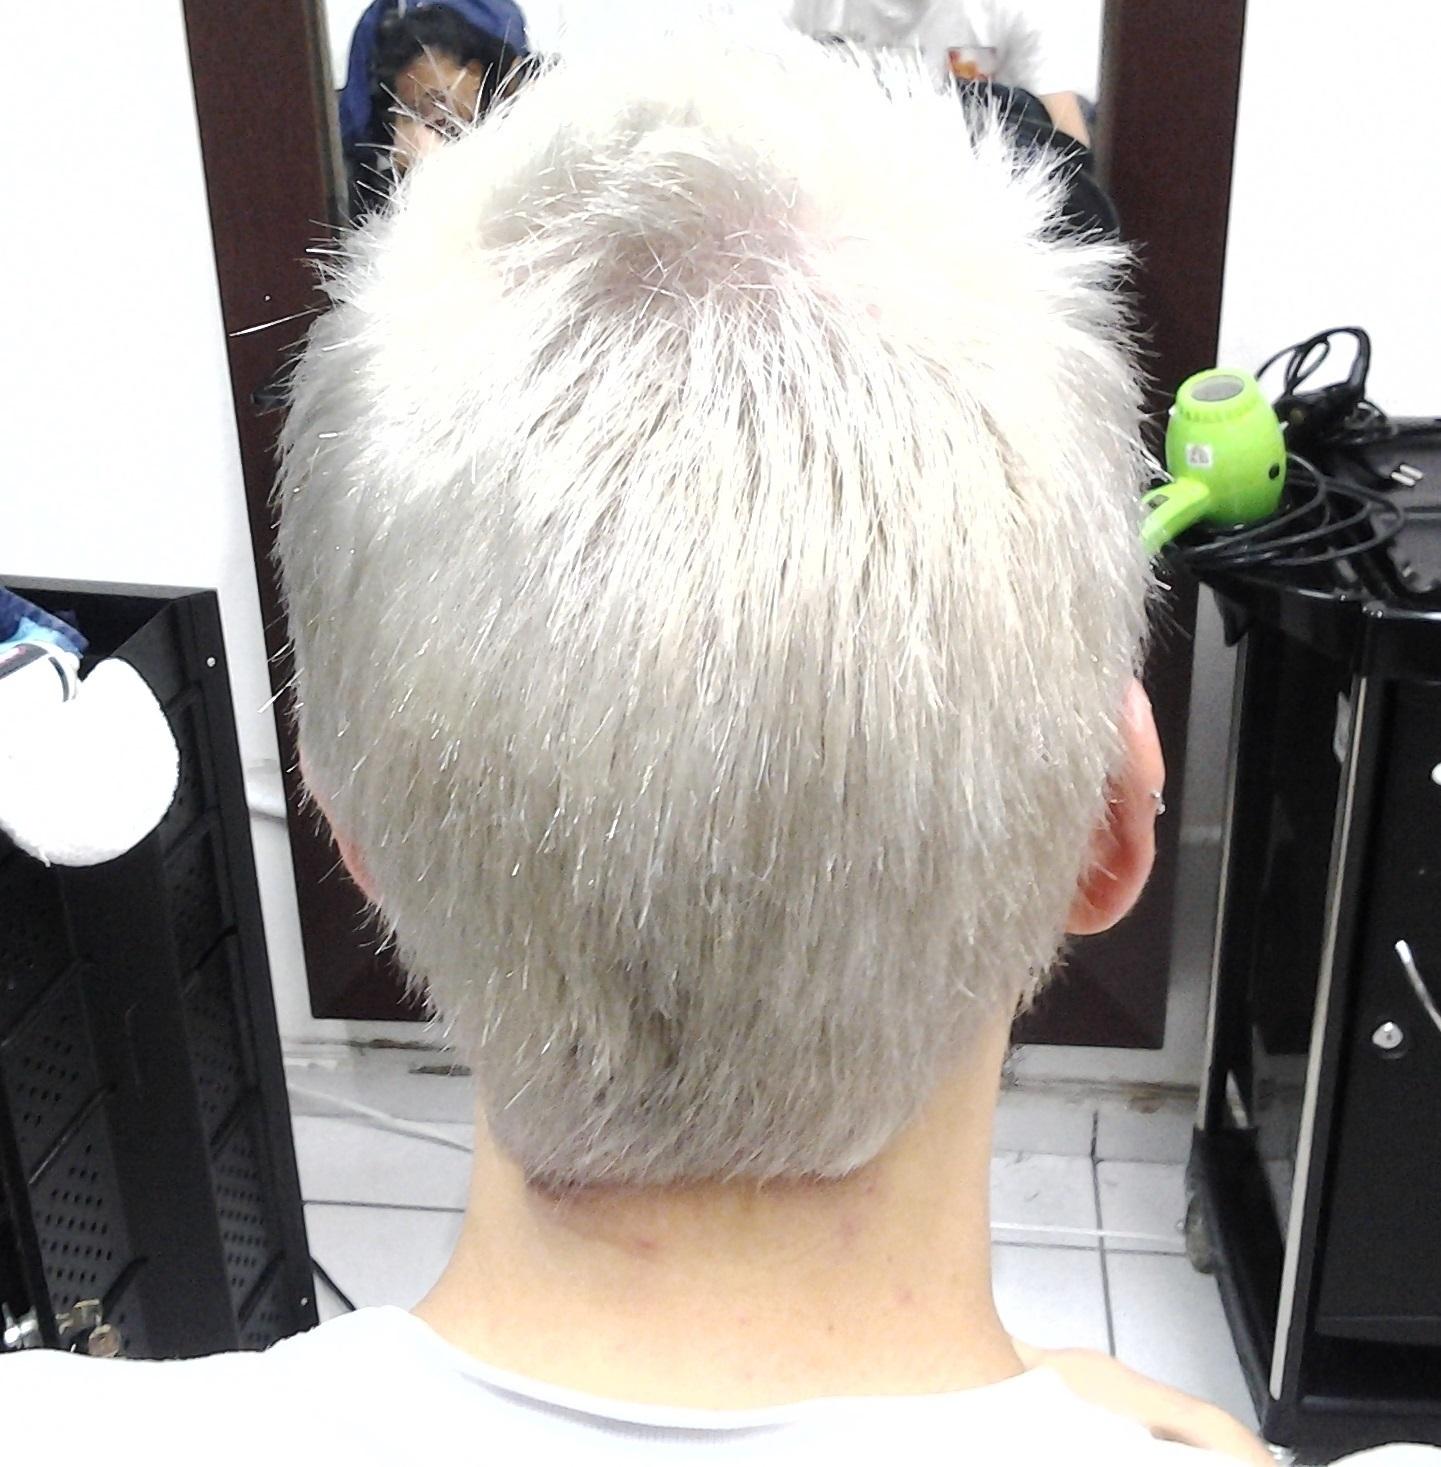 segunda etapa platinado cabeleireiro(a) massoterapeuta barbeiro(a) aromaterapeuta depilador(a) designer de sobrancelhas esteticista massagista stylist terapeuta visagista docente / professor(a) supervisor(a)